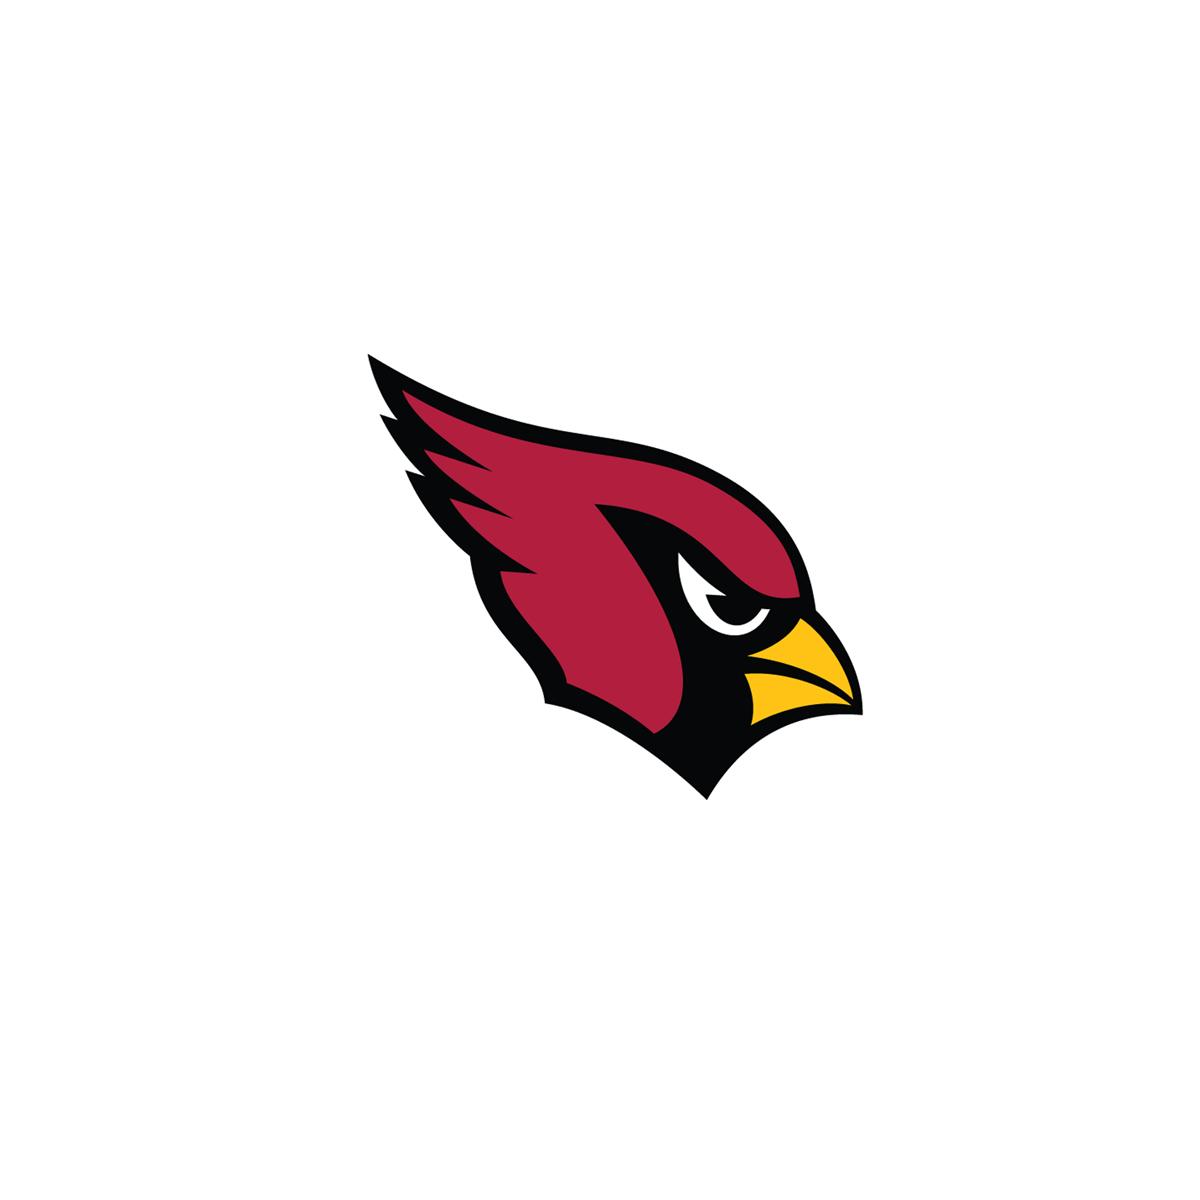 cardinals3.png